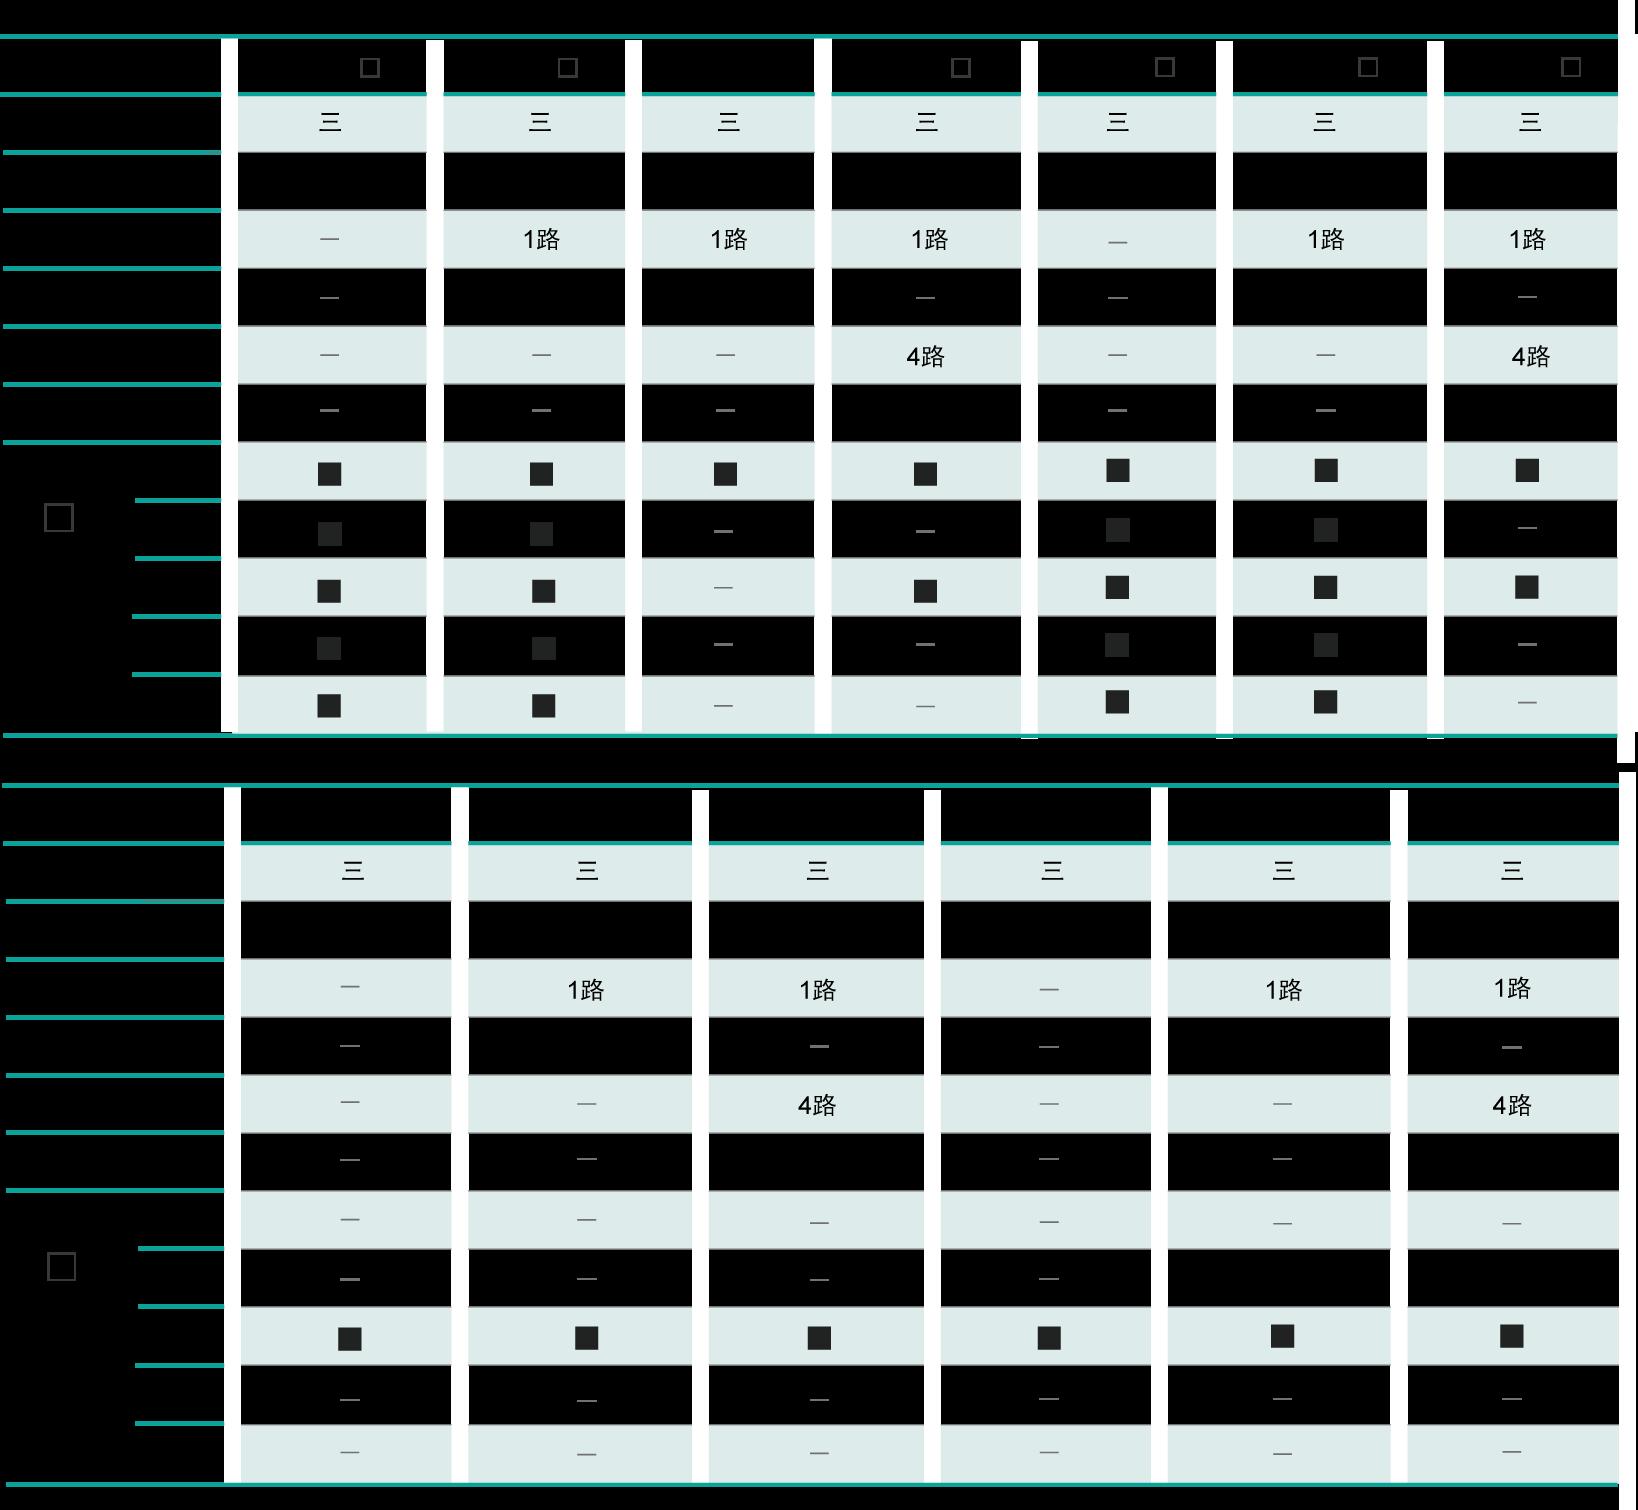 产品中心数显交流功率表.png